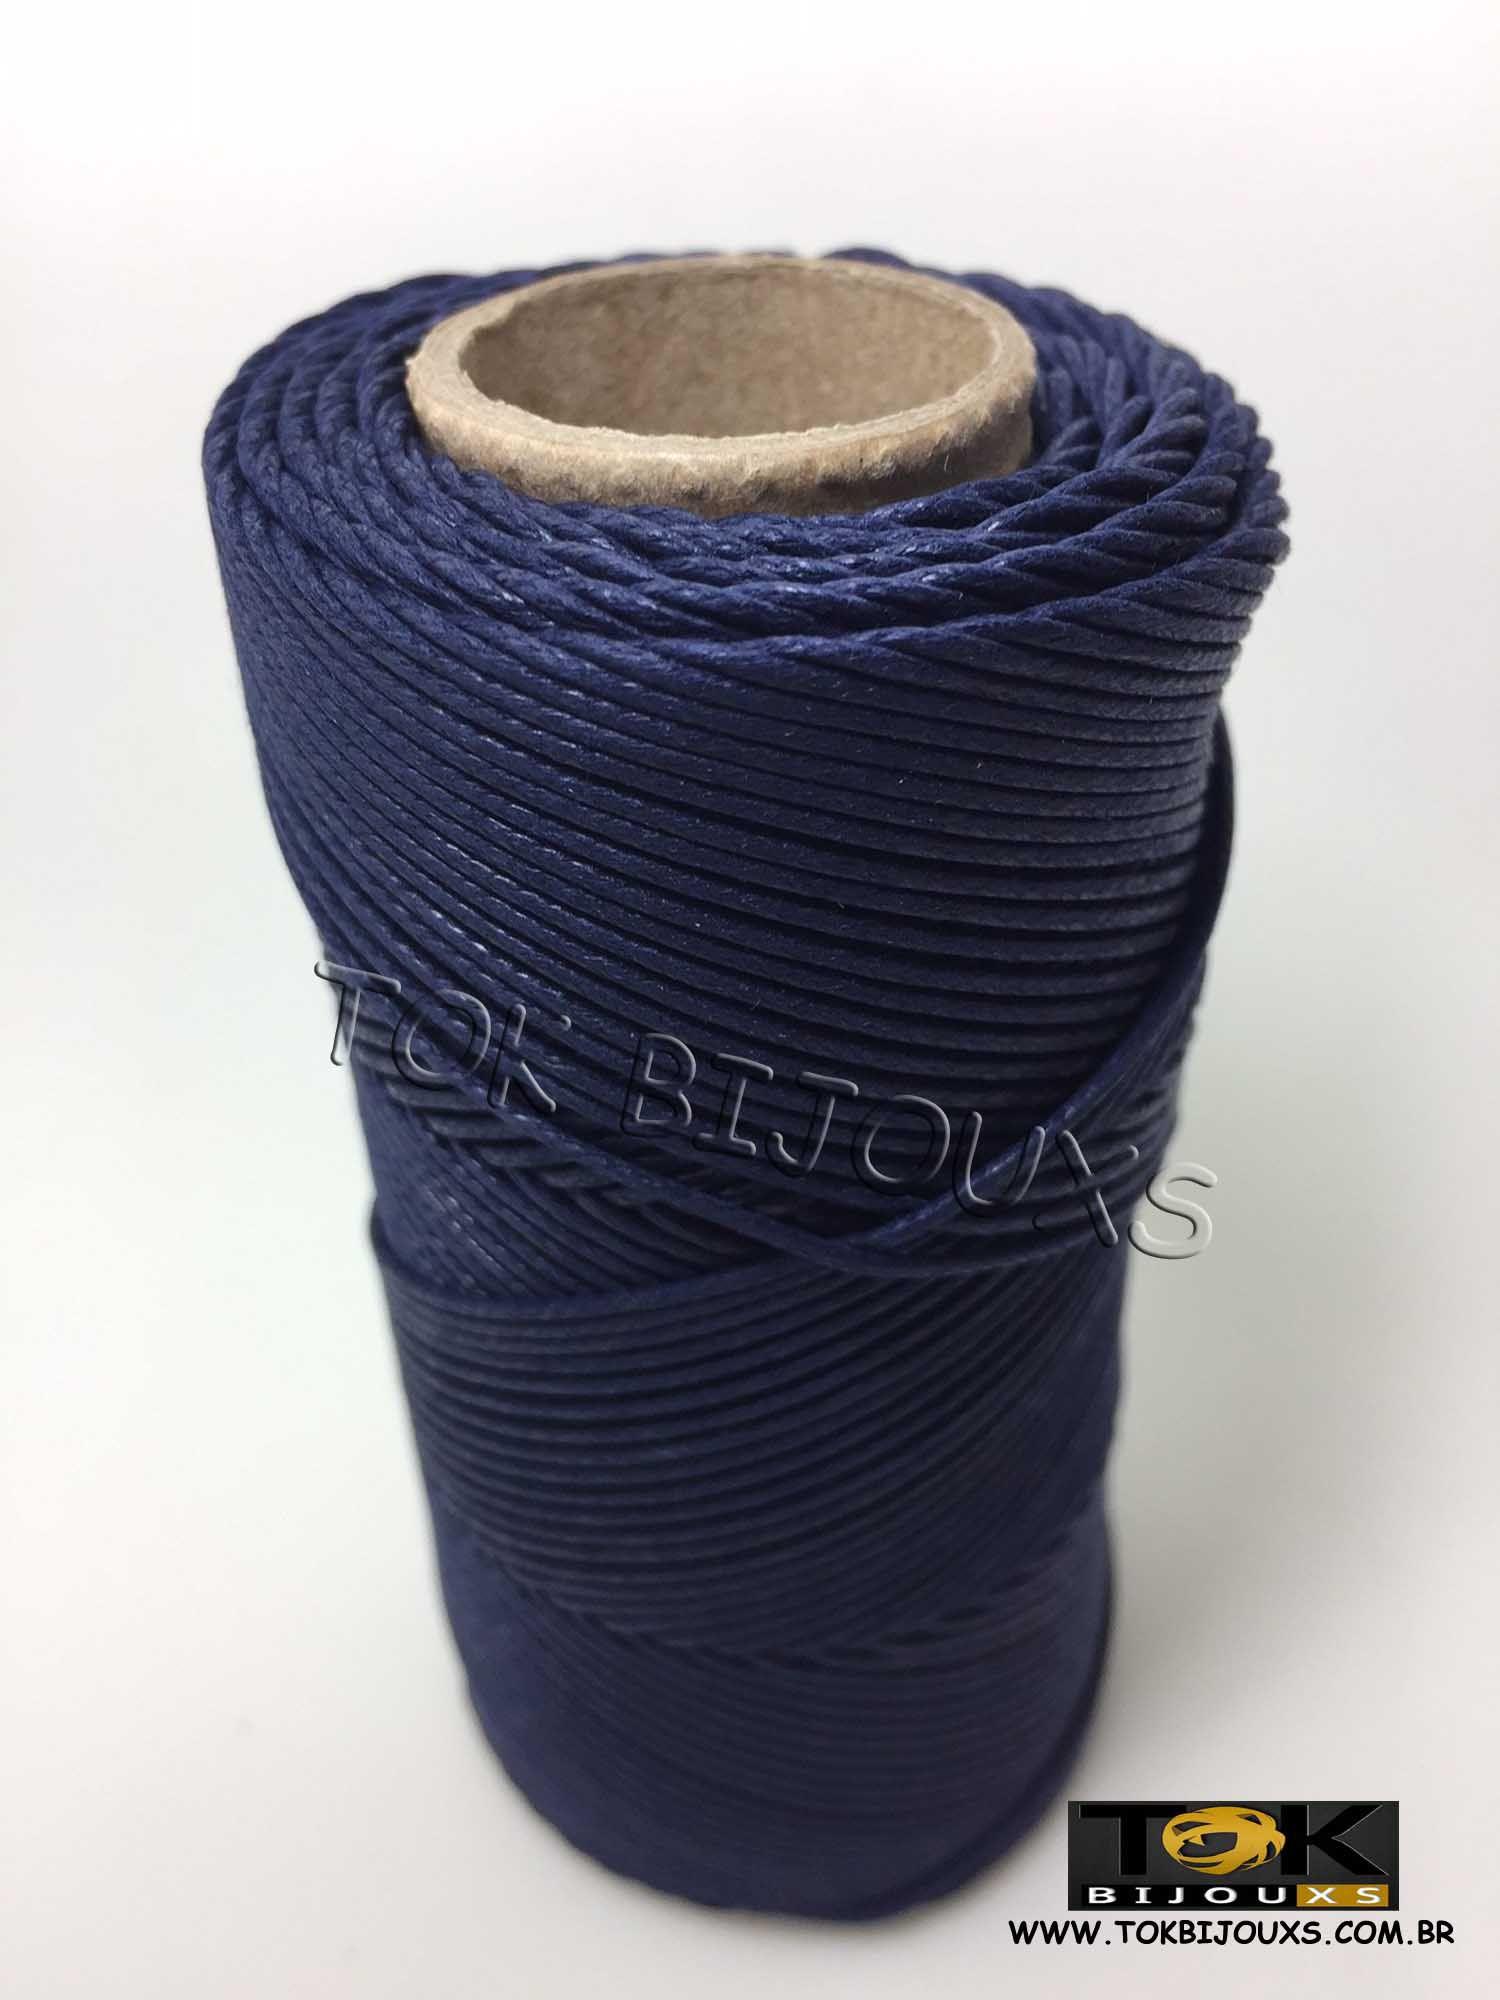 Cordão Encerado Algodão - 1mm - Azul Marinho